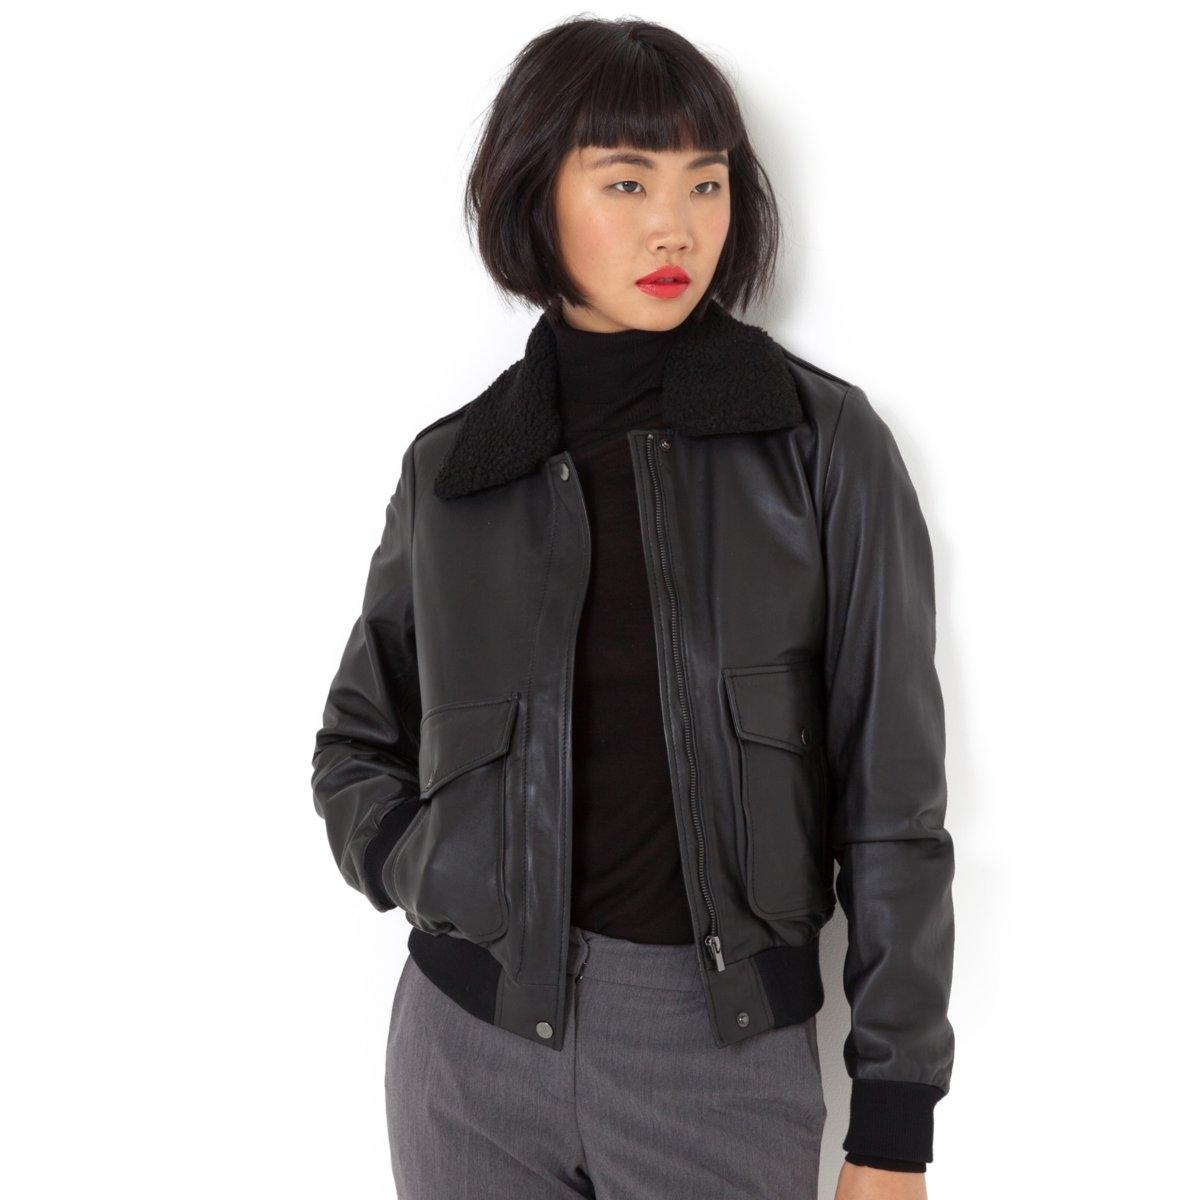 Блузон кожаный в стиле пилотКожаный блузон (овечья кожа) в стиле куртки-пилот. Небольшой съемный воротник из синтетического меха. Без подкладки и утеплителя. 2 накладных кармана на кнопках. Манжеты связаны резинкой. Застежка на молнию. Длина 59 см. Одна из базовых вещей гардероба, этот блузон подходит для всех случаев жизни и прекрасно дополняется разнообразными аксессуарами!<br><br>Цвет: черный<br>Размер: 48 (FR) - 54 (RUS)